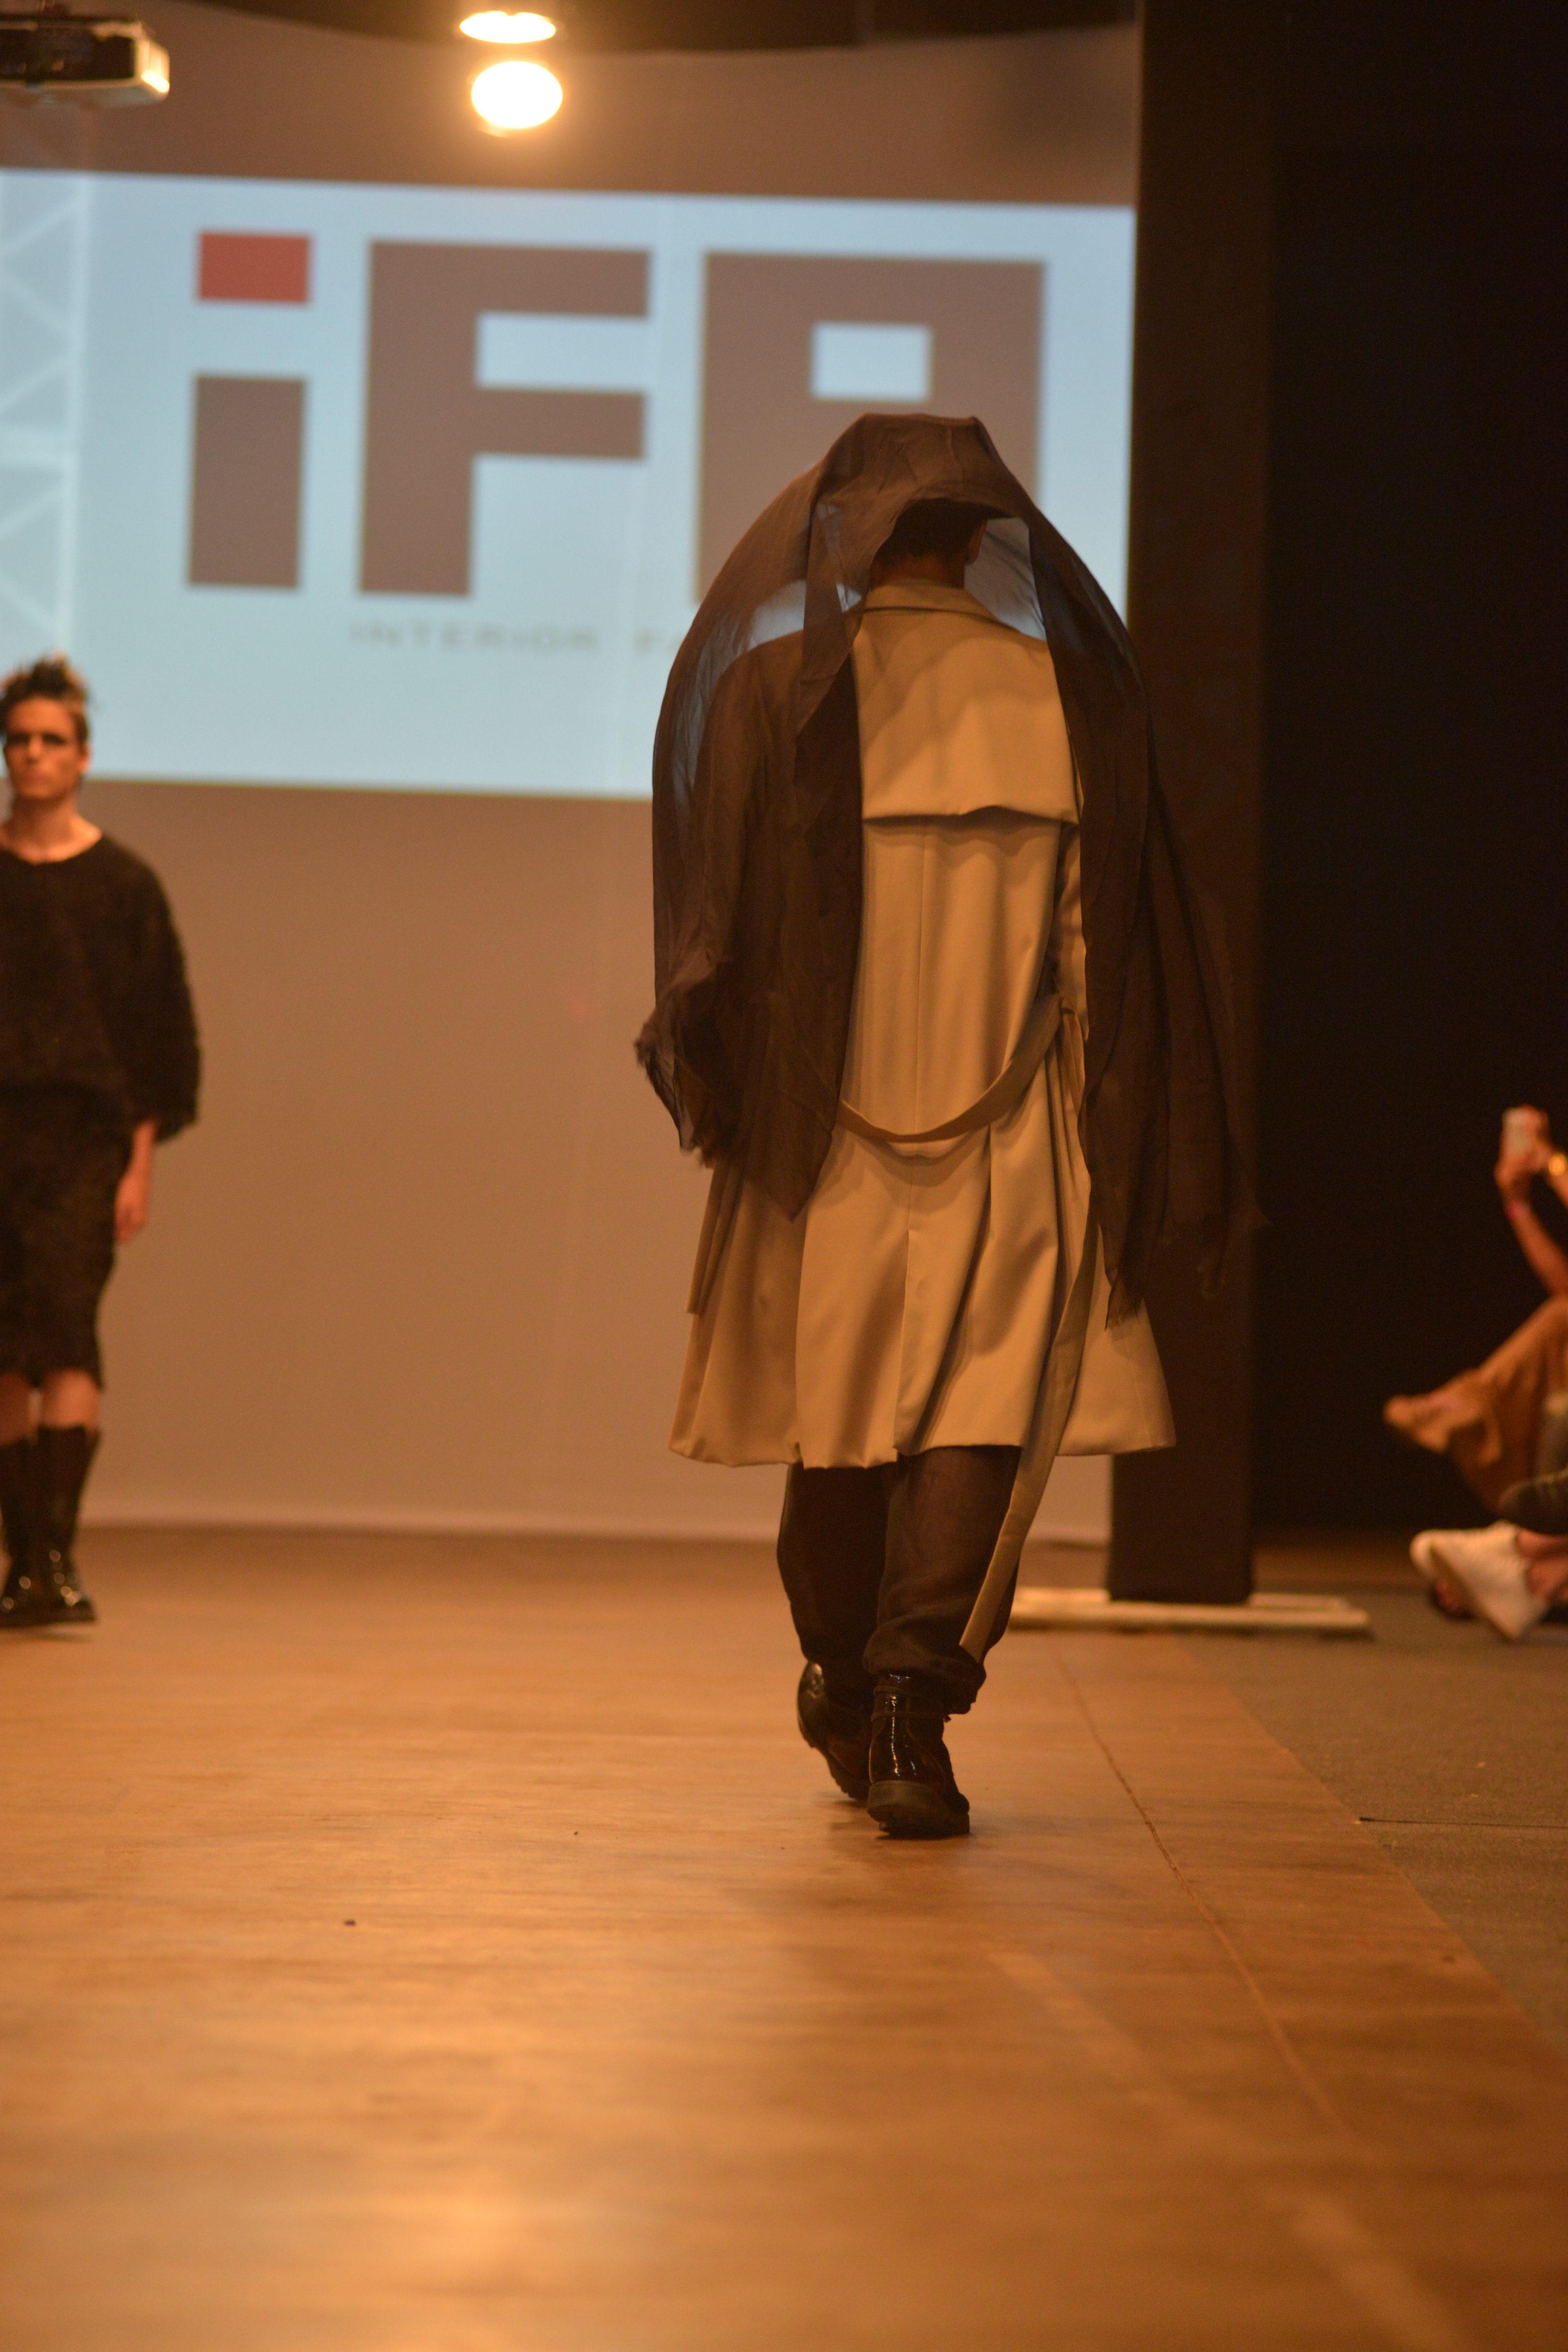 joao-pimenta-colecao-joao-pimenta-inverno-2017-moda-masculina-menswear-blog-de-moda-blogger-ifa-interior-fashion-arts-mens-18